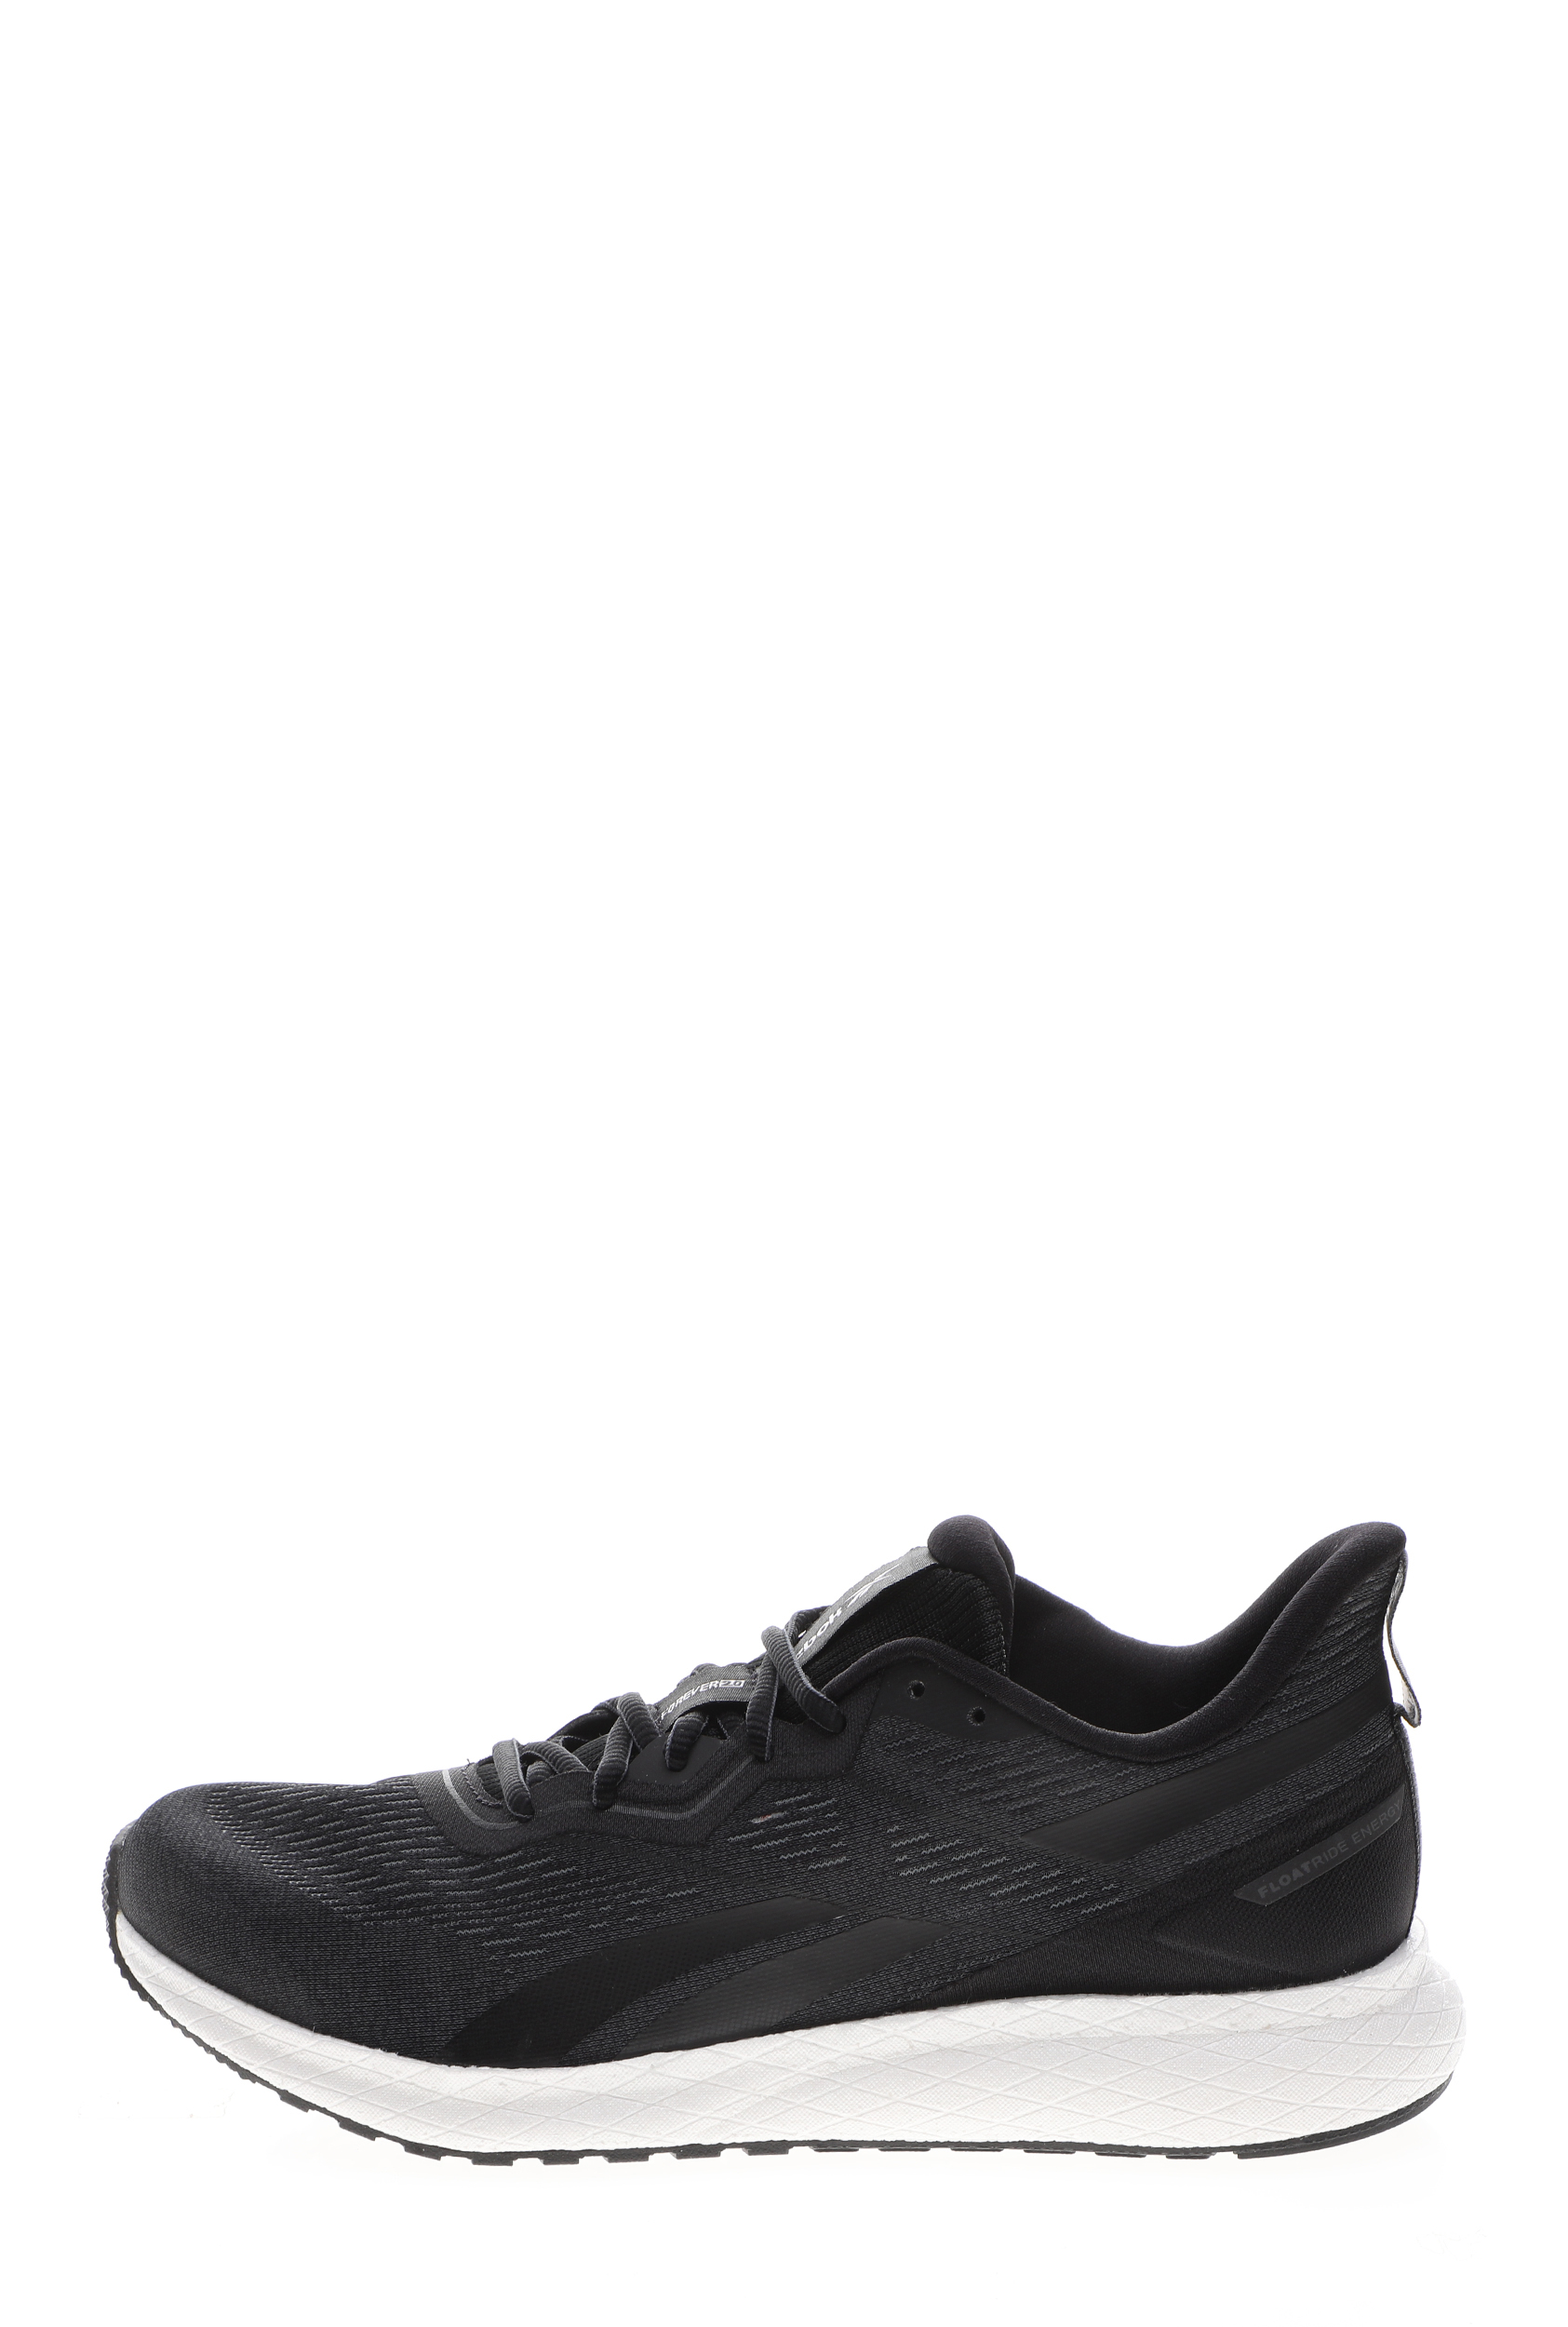 REEBOK – Ανδρικά αθλητικά παπούτσια REEBOK Forever Floatride Energy 2 μαύρα